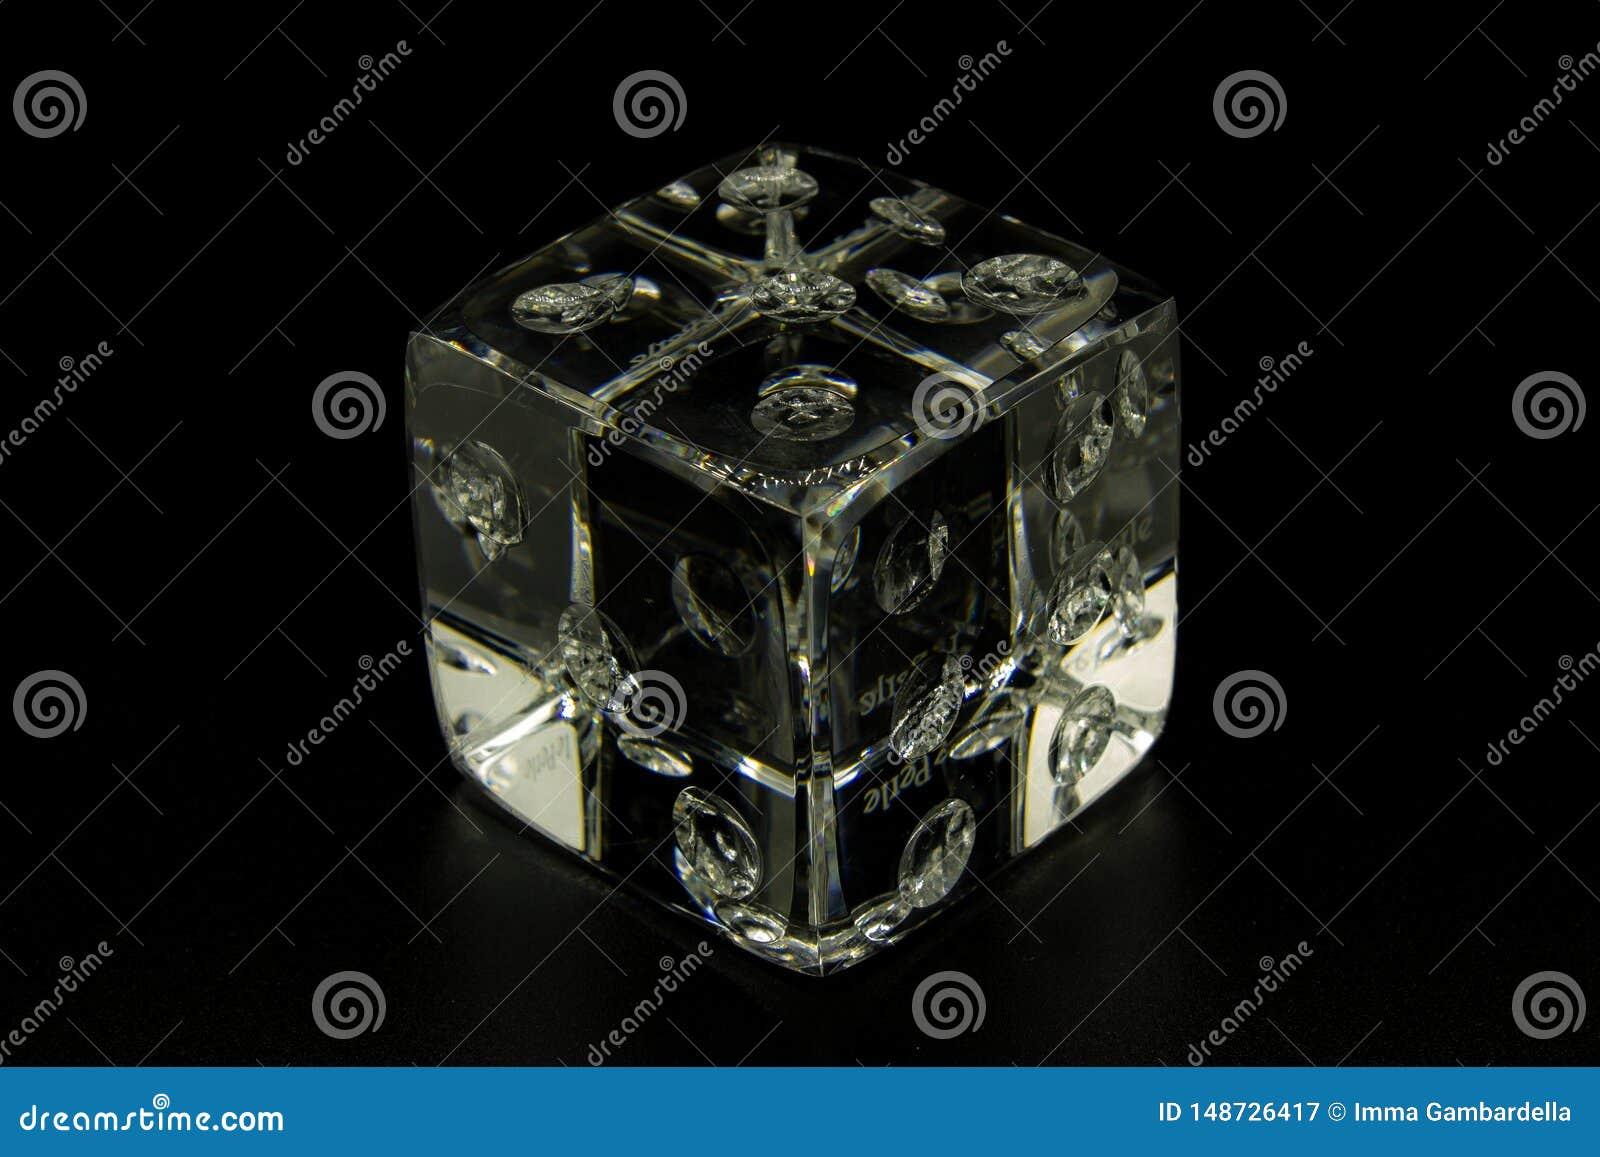 Ένα τυχερό παιχνίδι χωρίζει σε τετράγωνα φιαγμένος από γυαλί σε ένα μαύρο υπόβαθρο, για να τονίσει τη διαφάνεια